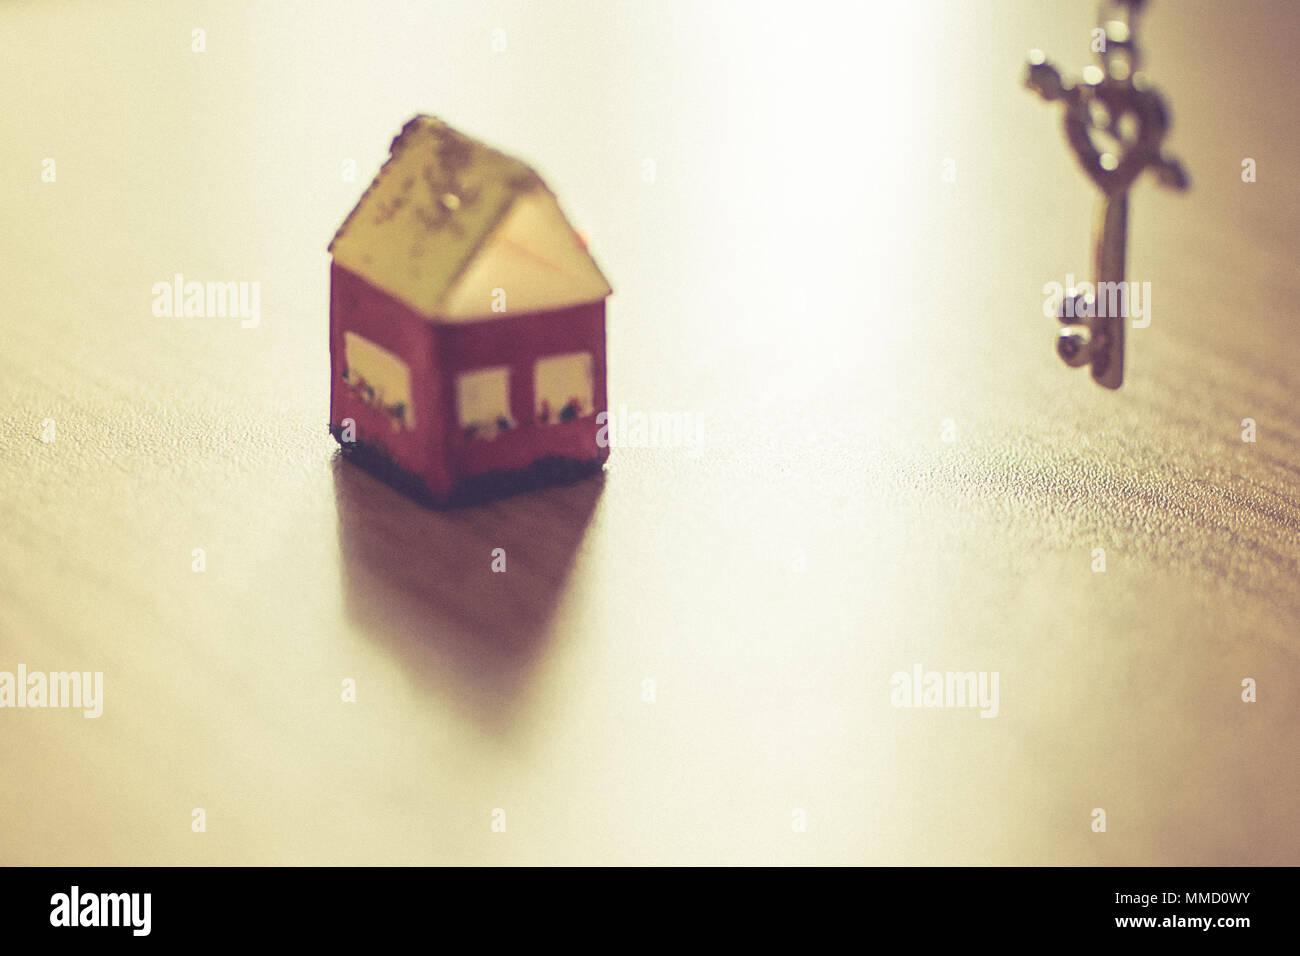 Kleines Haus und Schlüssel Stockfoto